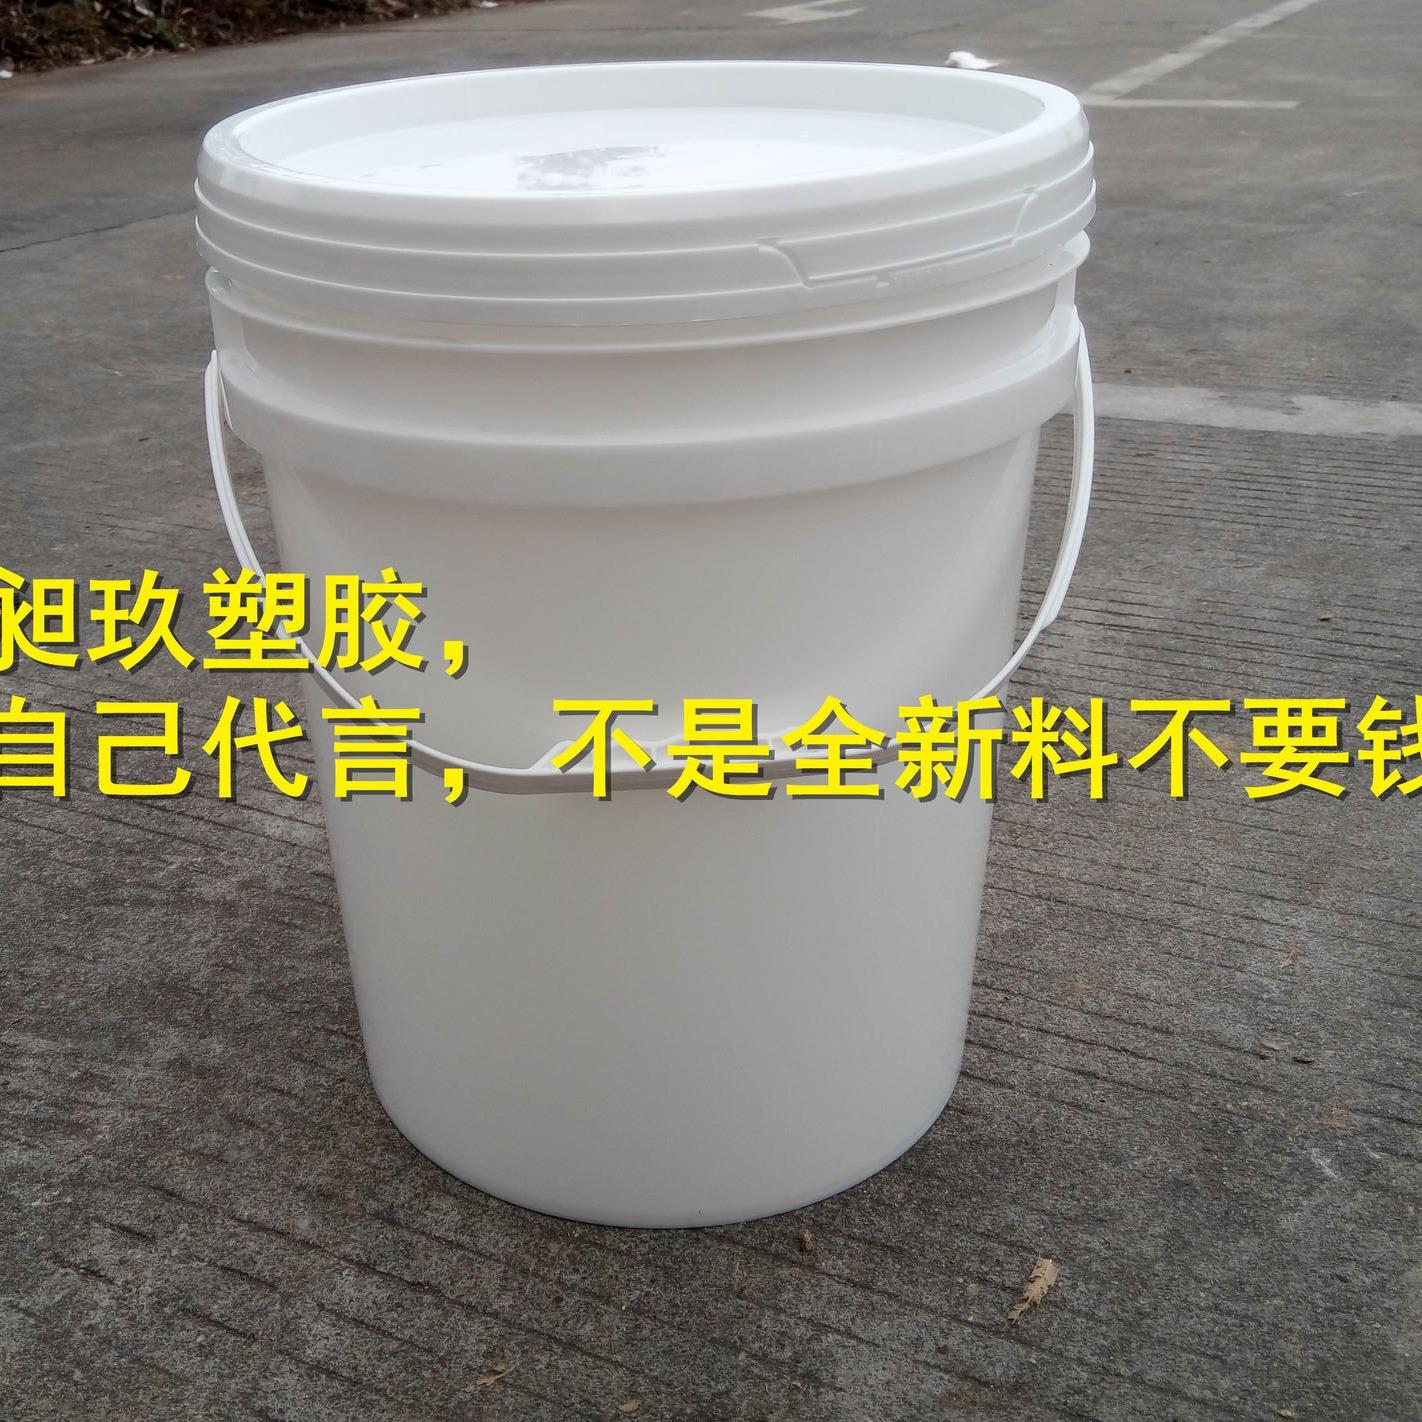 昶玖厂家直销25L塑料桶25KG白色PP圆桶/食品级塑料油墨化工包装桶图片